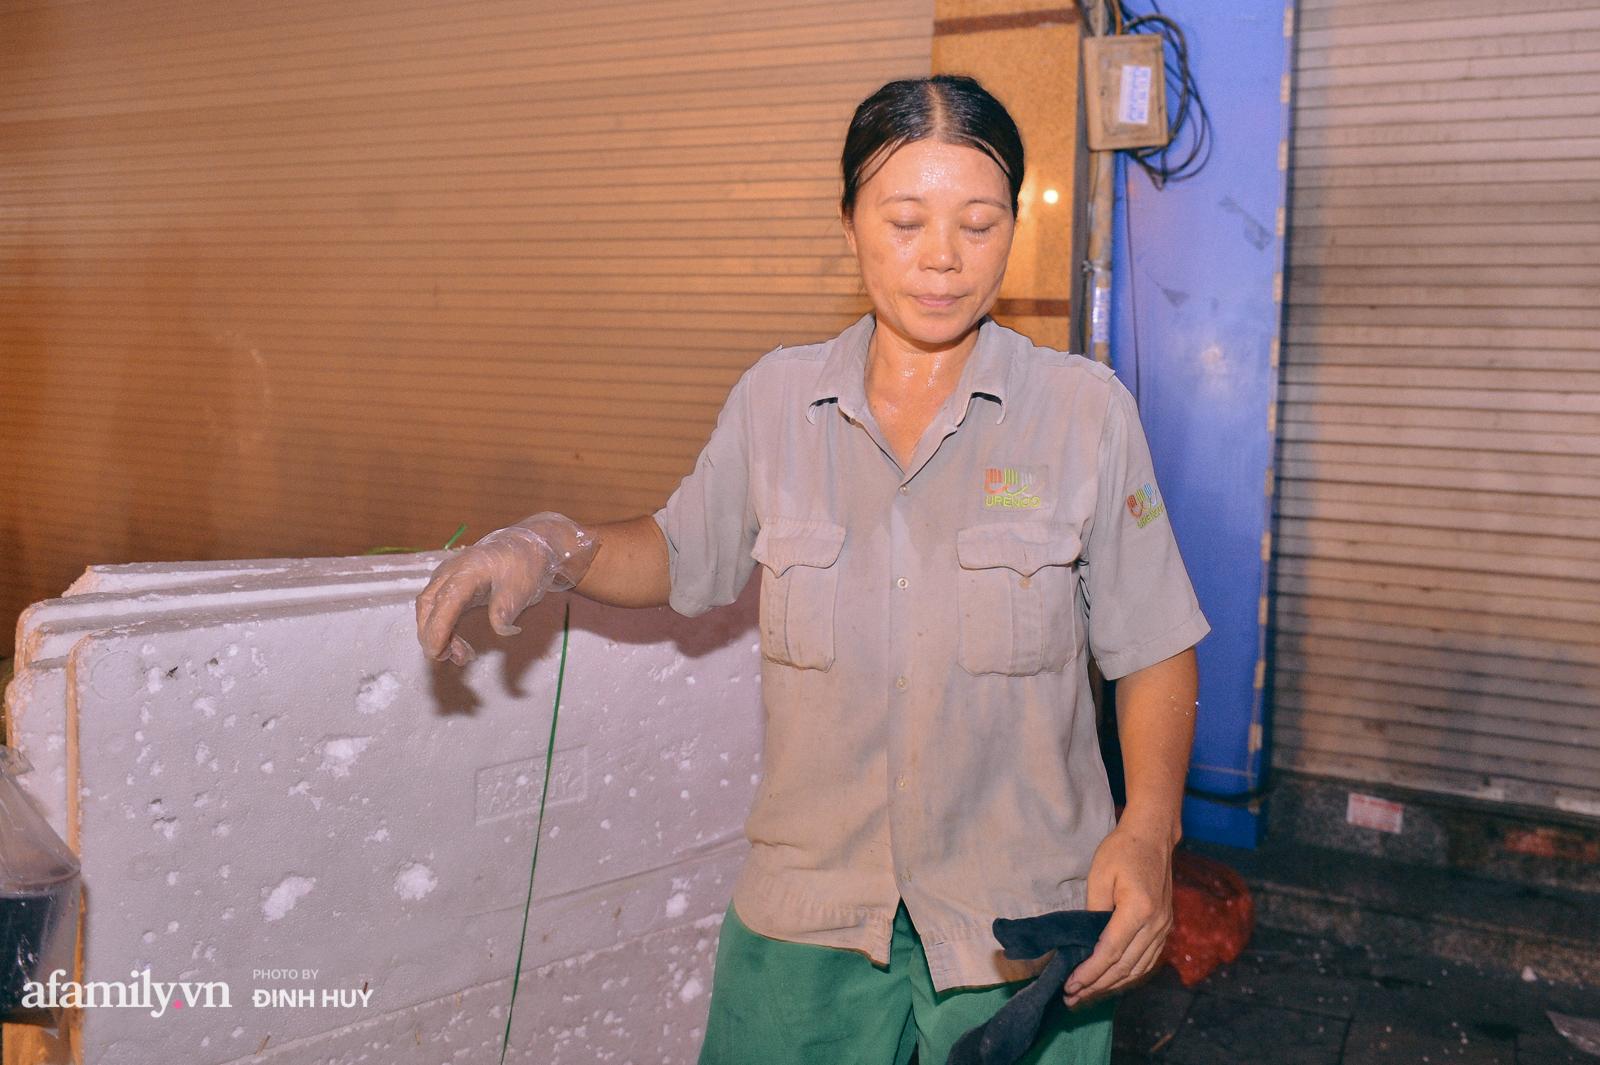 Đêm Trung thu chìm trong rác thải của cô công nhân vệ sinh trên phố cổ - Ảnh 8.